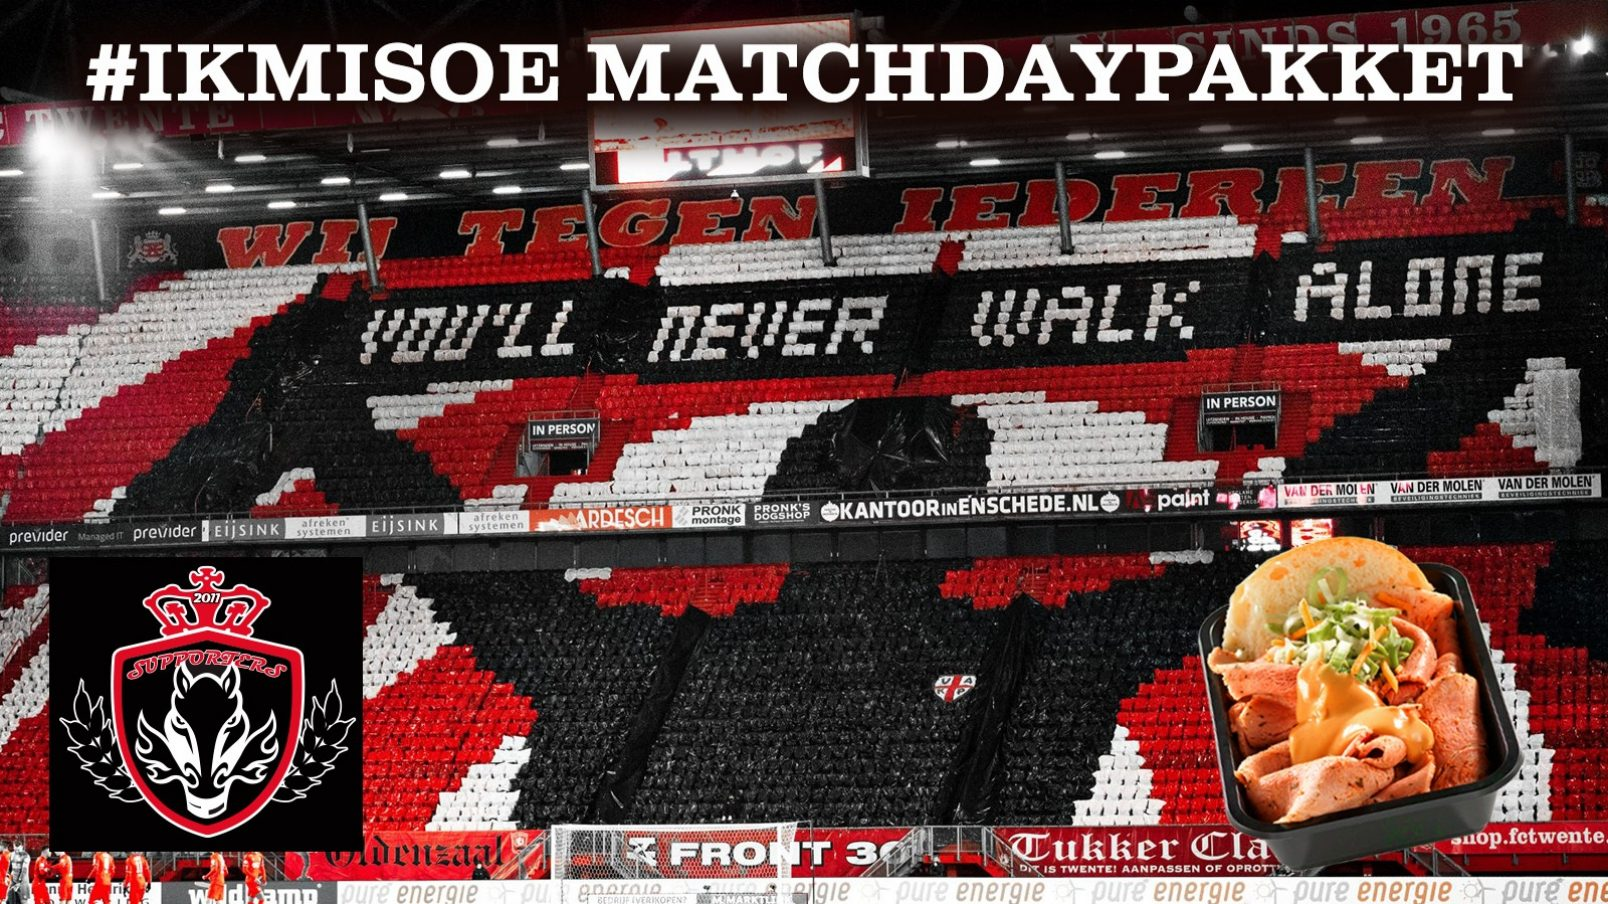 #IKMISOE matchdaypakket voor alle leden